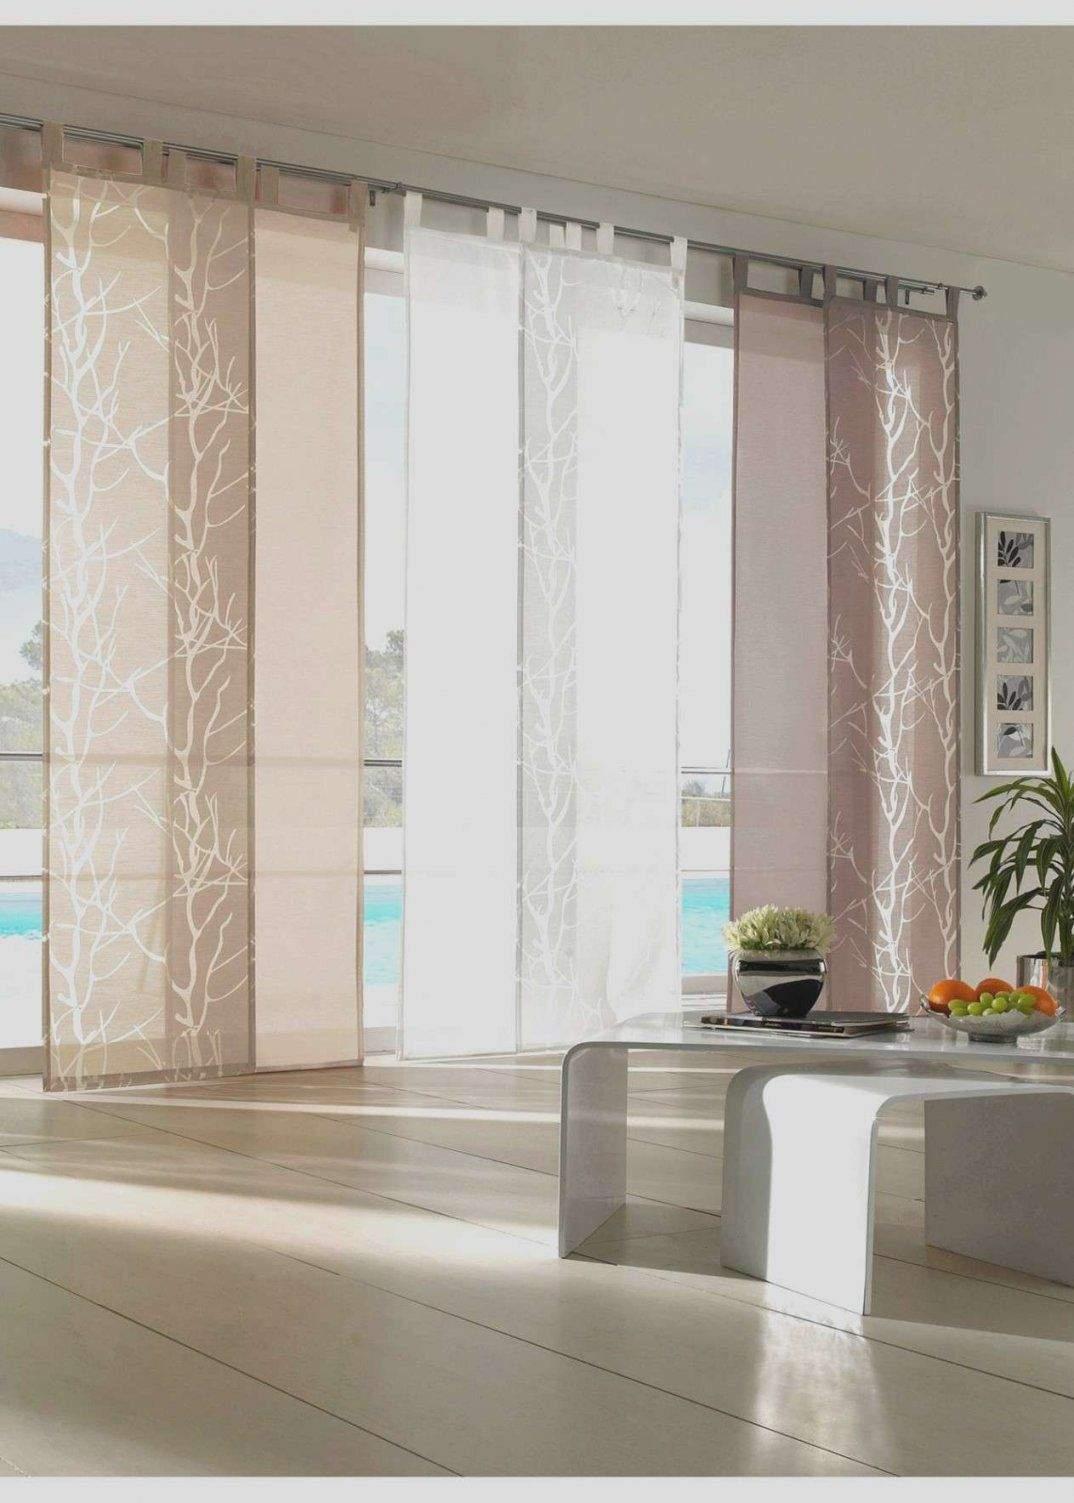 Full Size of Gardinen Modern 25 Inspirierend Wohnzimmer Vorhnge Einzigartig Küche Holz Bett Design Moderne Duschen Für Die Fenster Deckenlampen Bilder Fürs Schlafzimmer Wohnzimmer Gardinen Modern